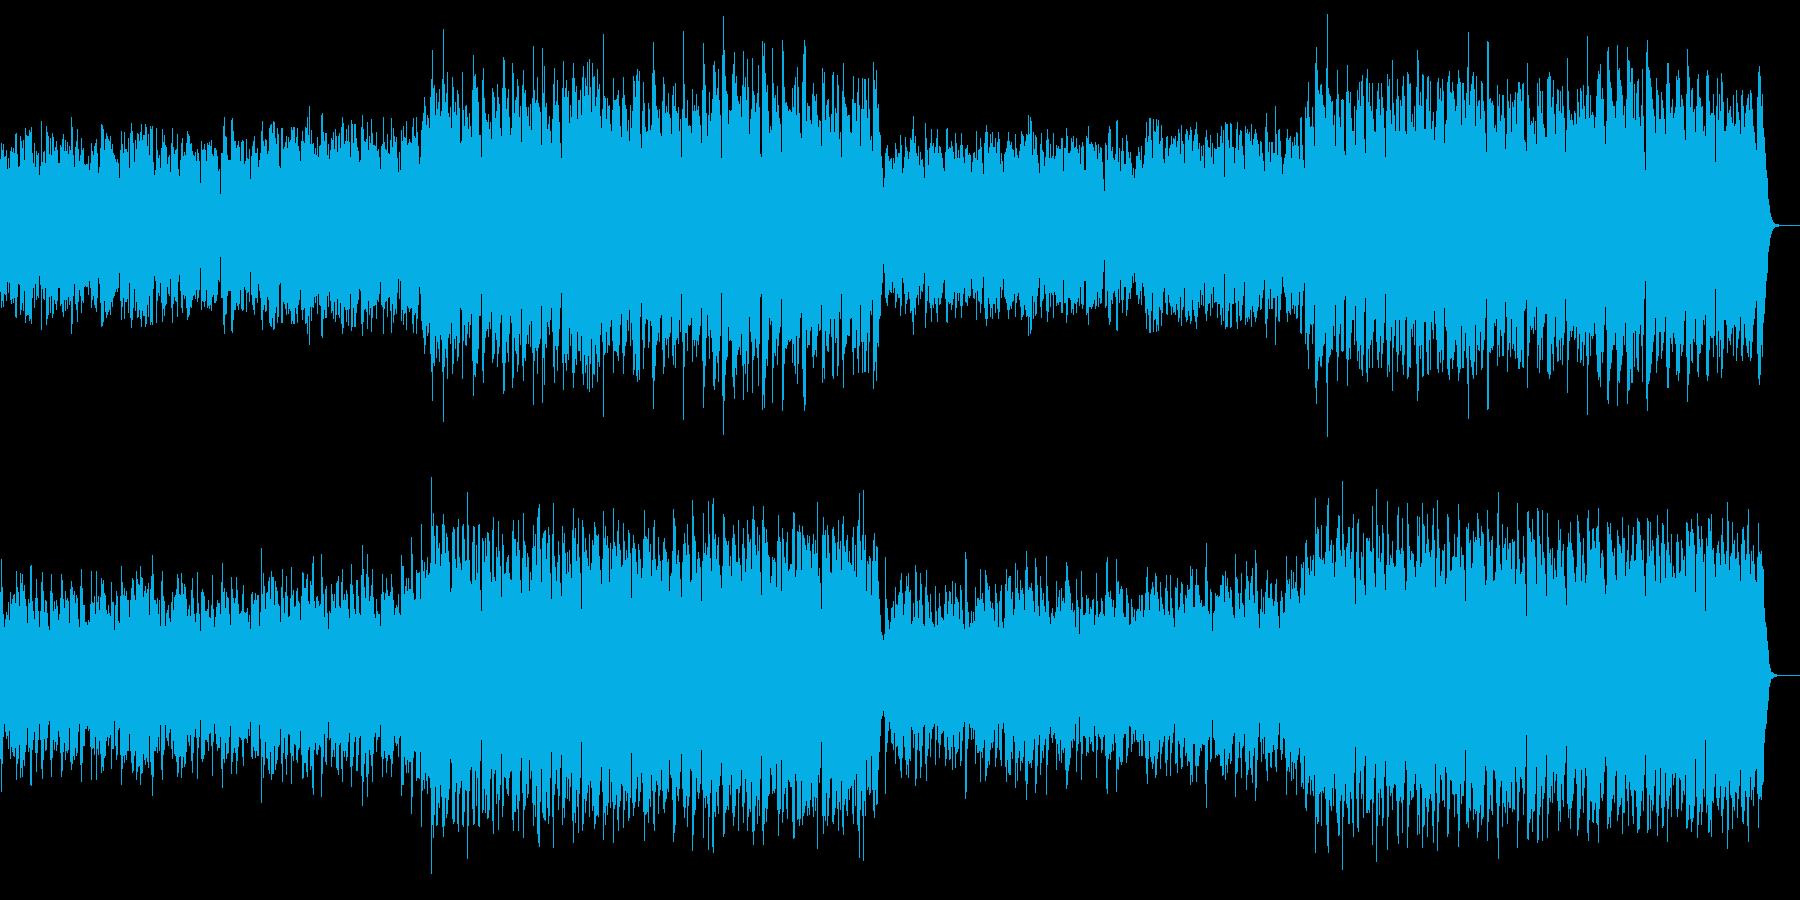 上品で格式の高い英国風の管弦楽の行進曲の再生済みの波形